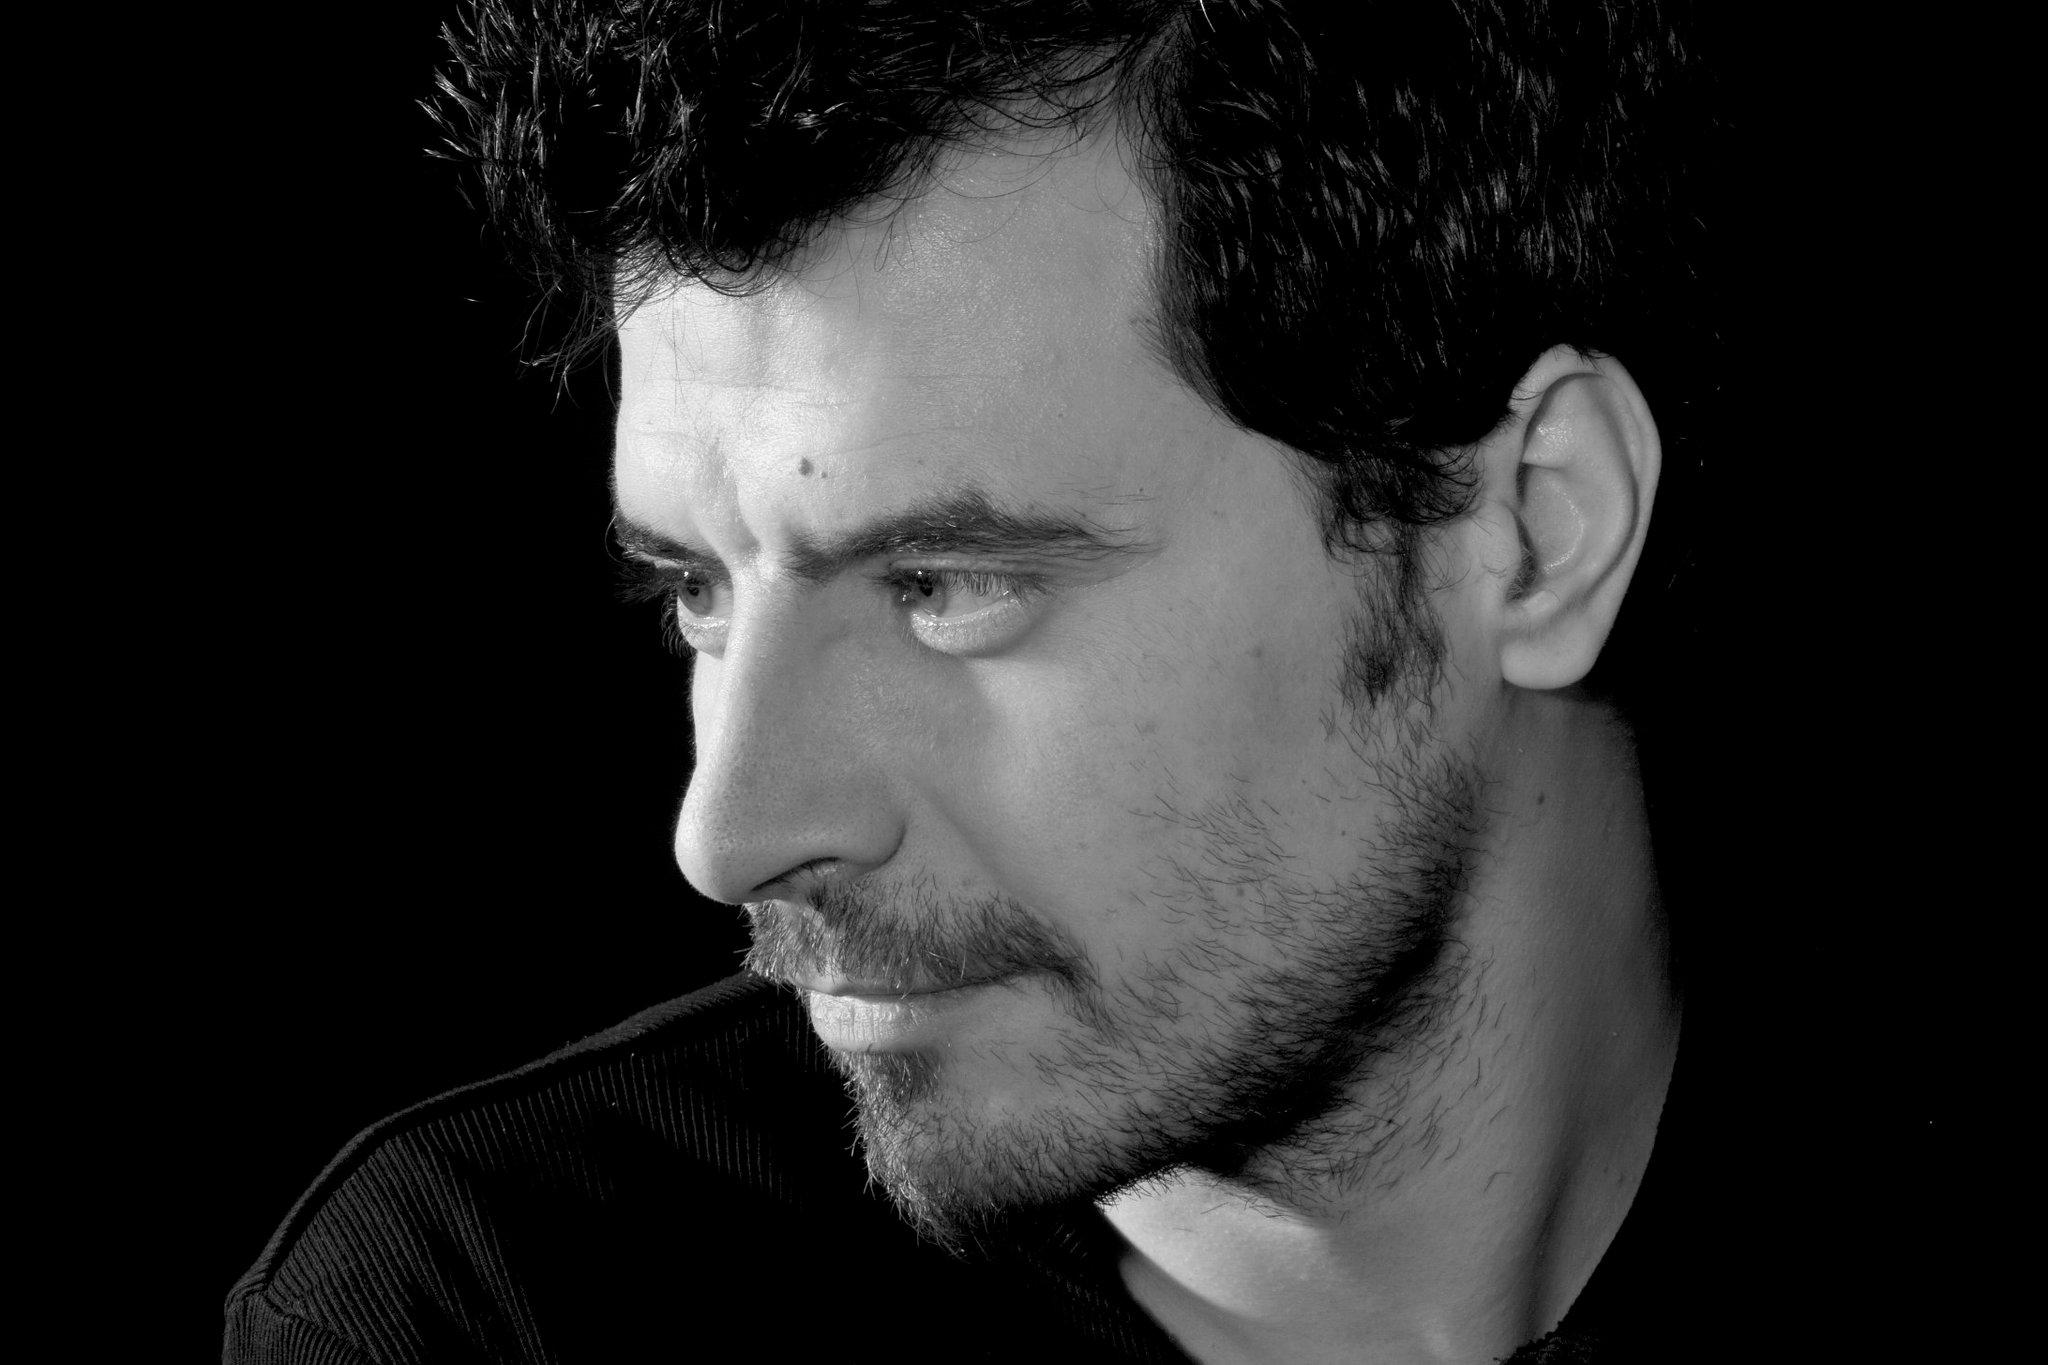 Pedro Alves pour Le Salon Littéraire - février 2014